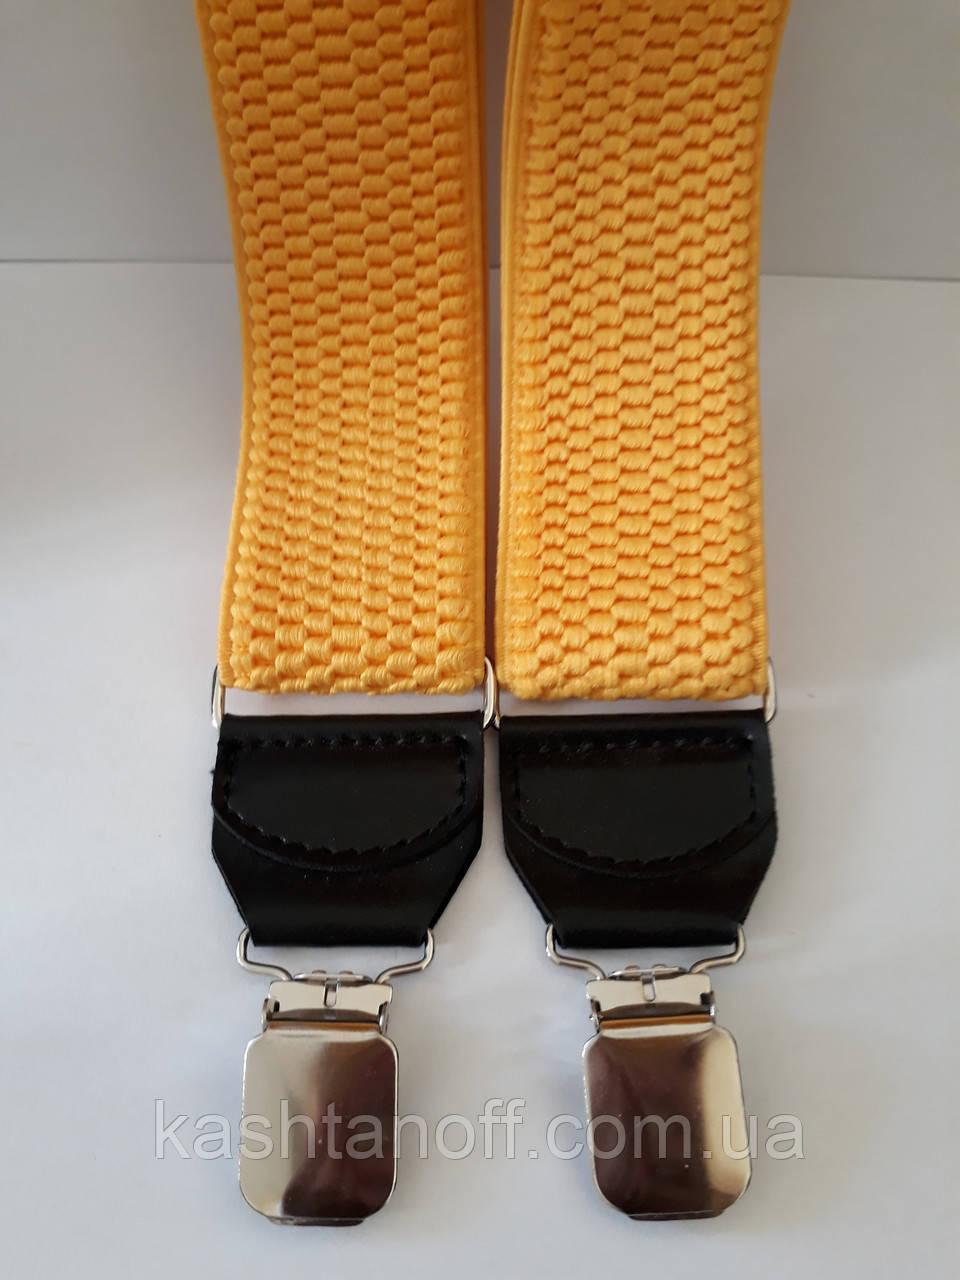 Мужские подтяжки желтого цвета широкие